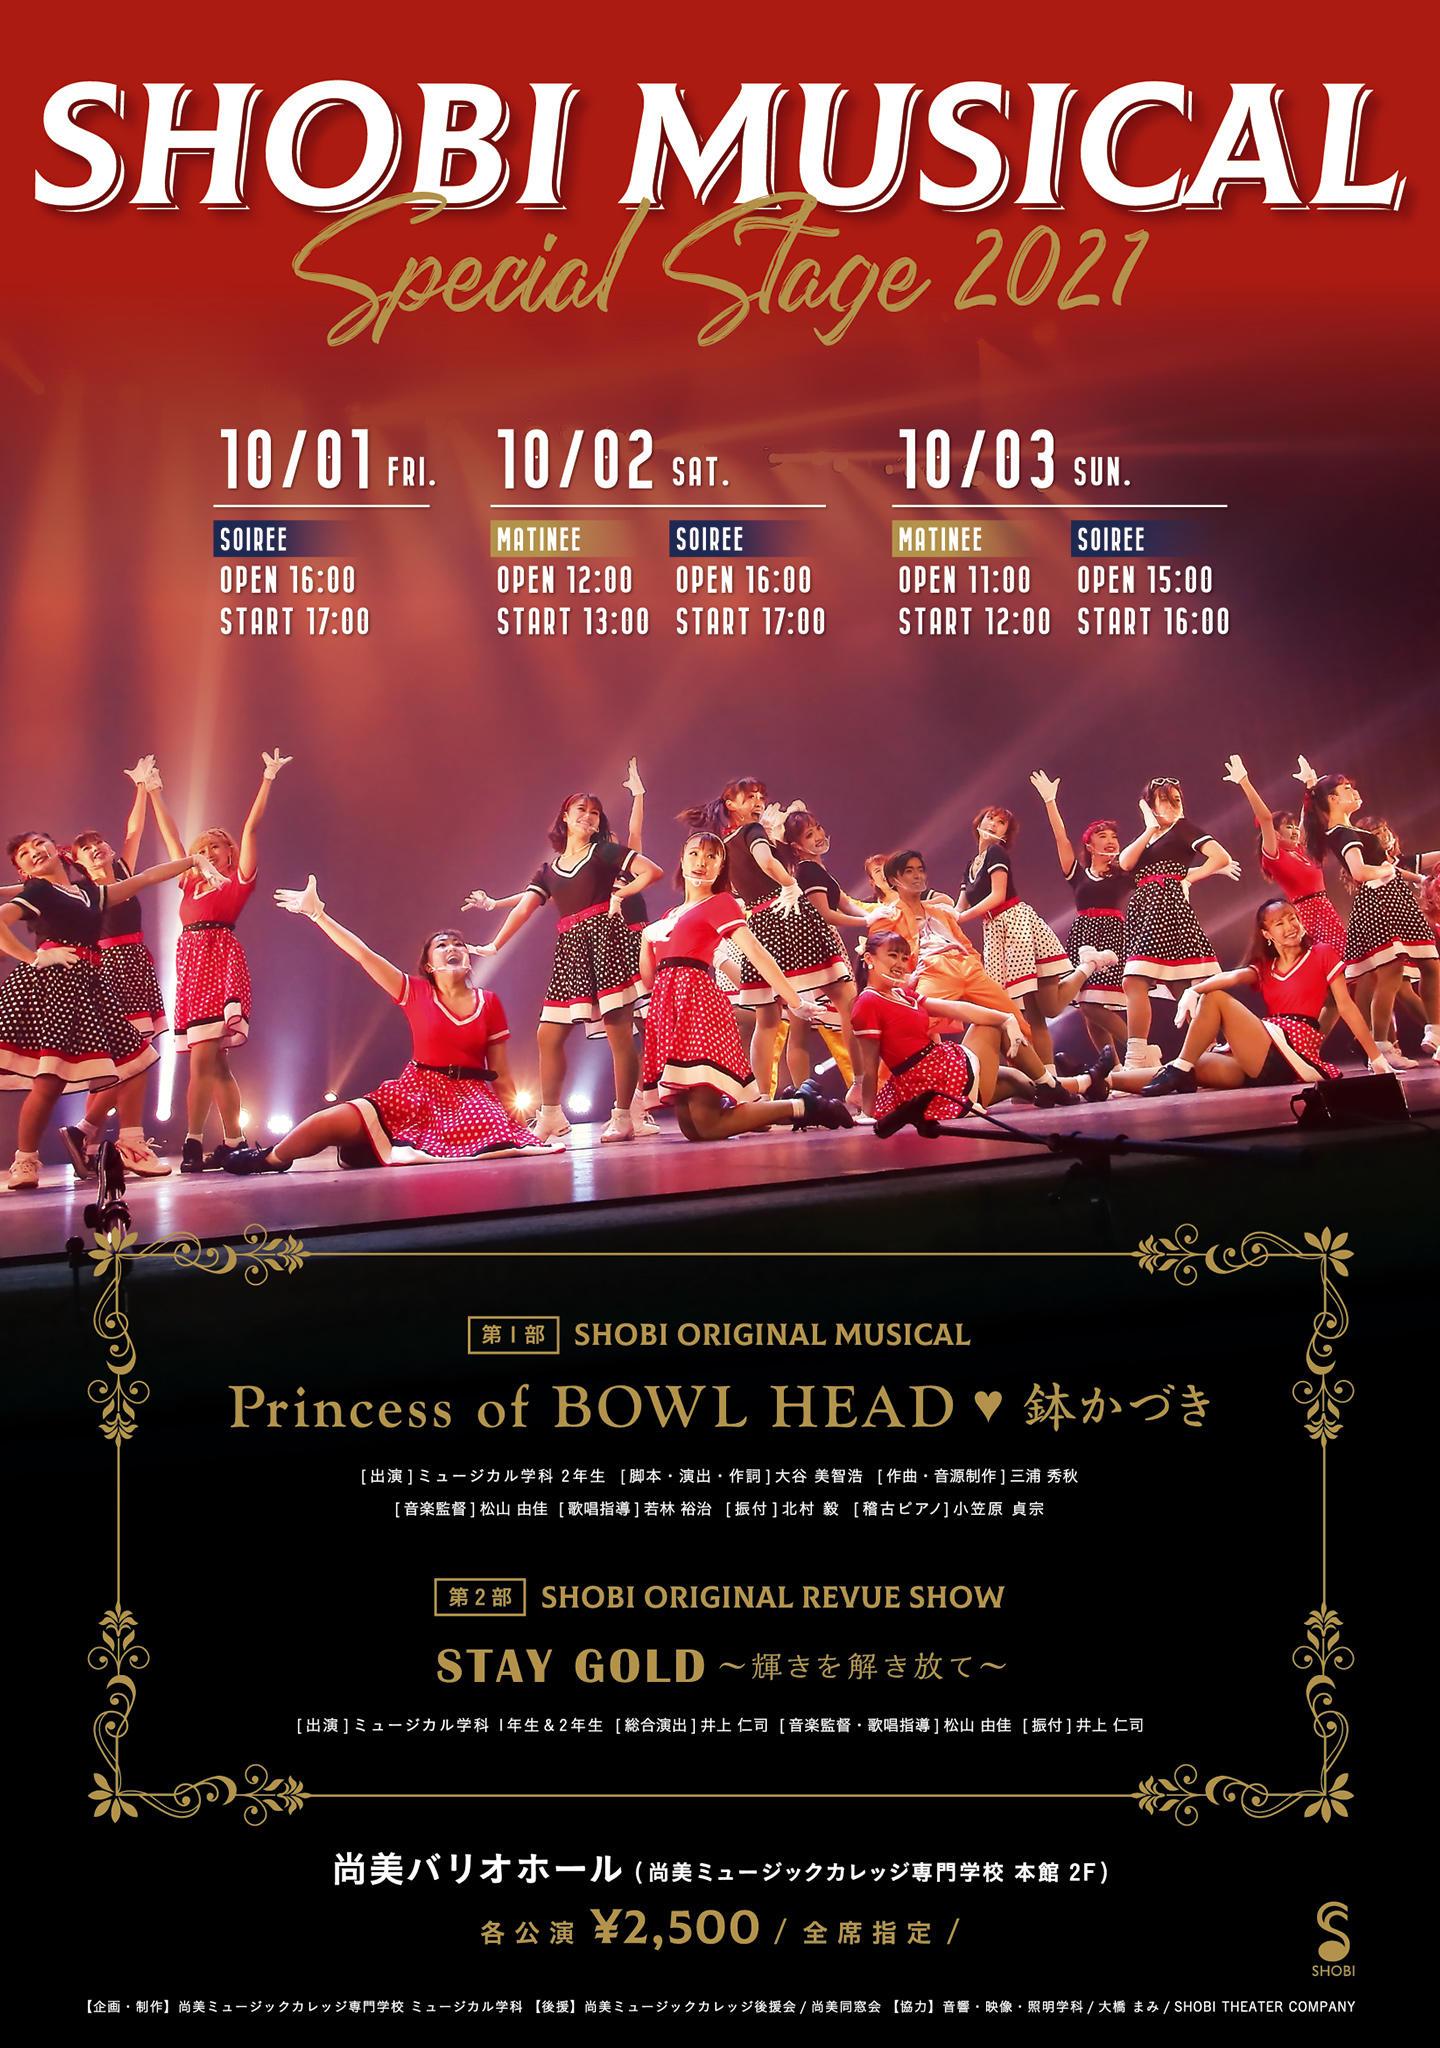 【10月1日・2日・3日開催】大人気の尚美オリジナルミュージカル作品!「SHOBI MUSICAL SPECIAL STAGE 2021」